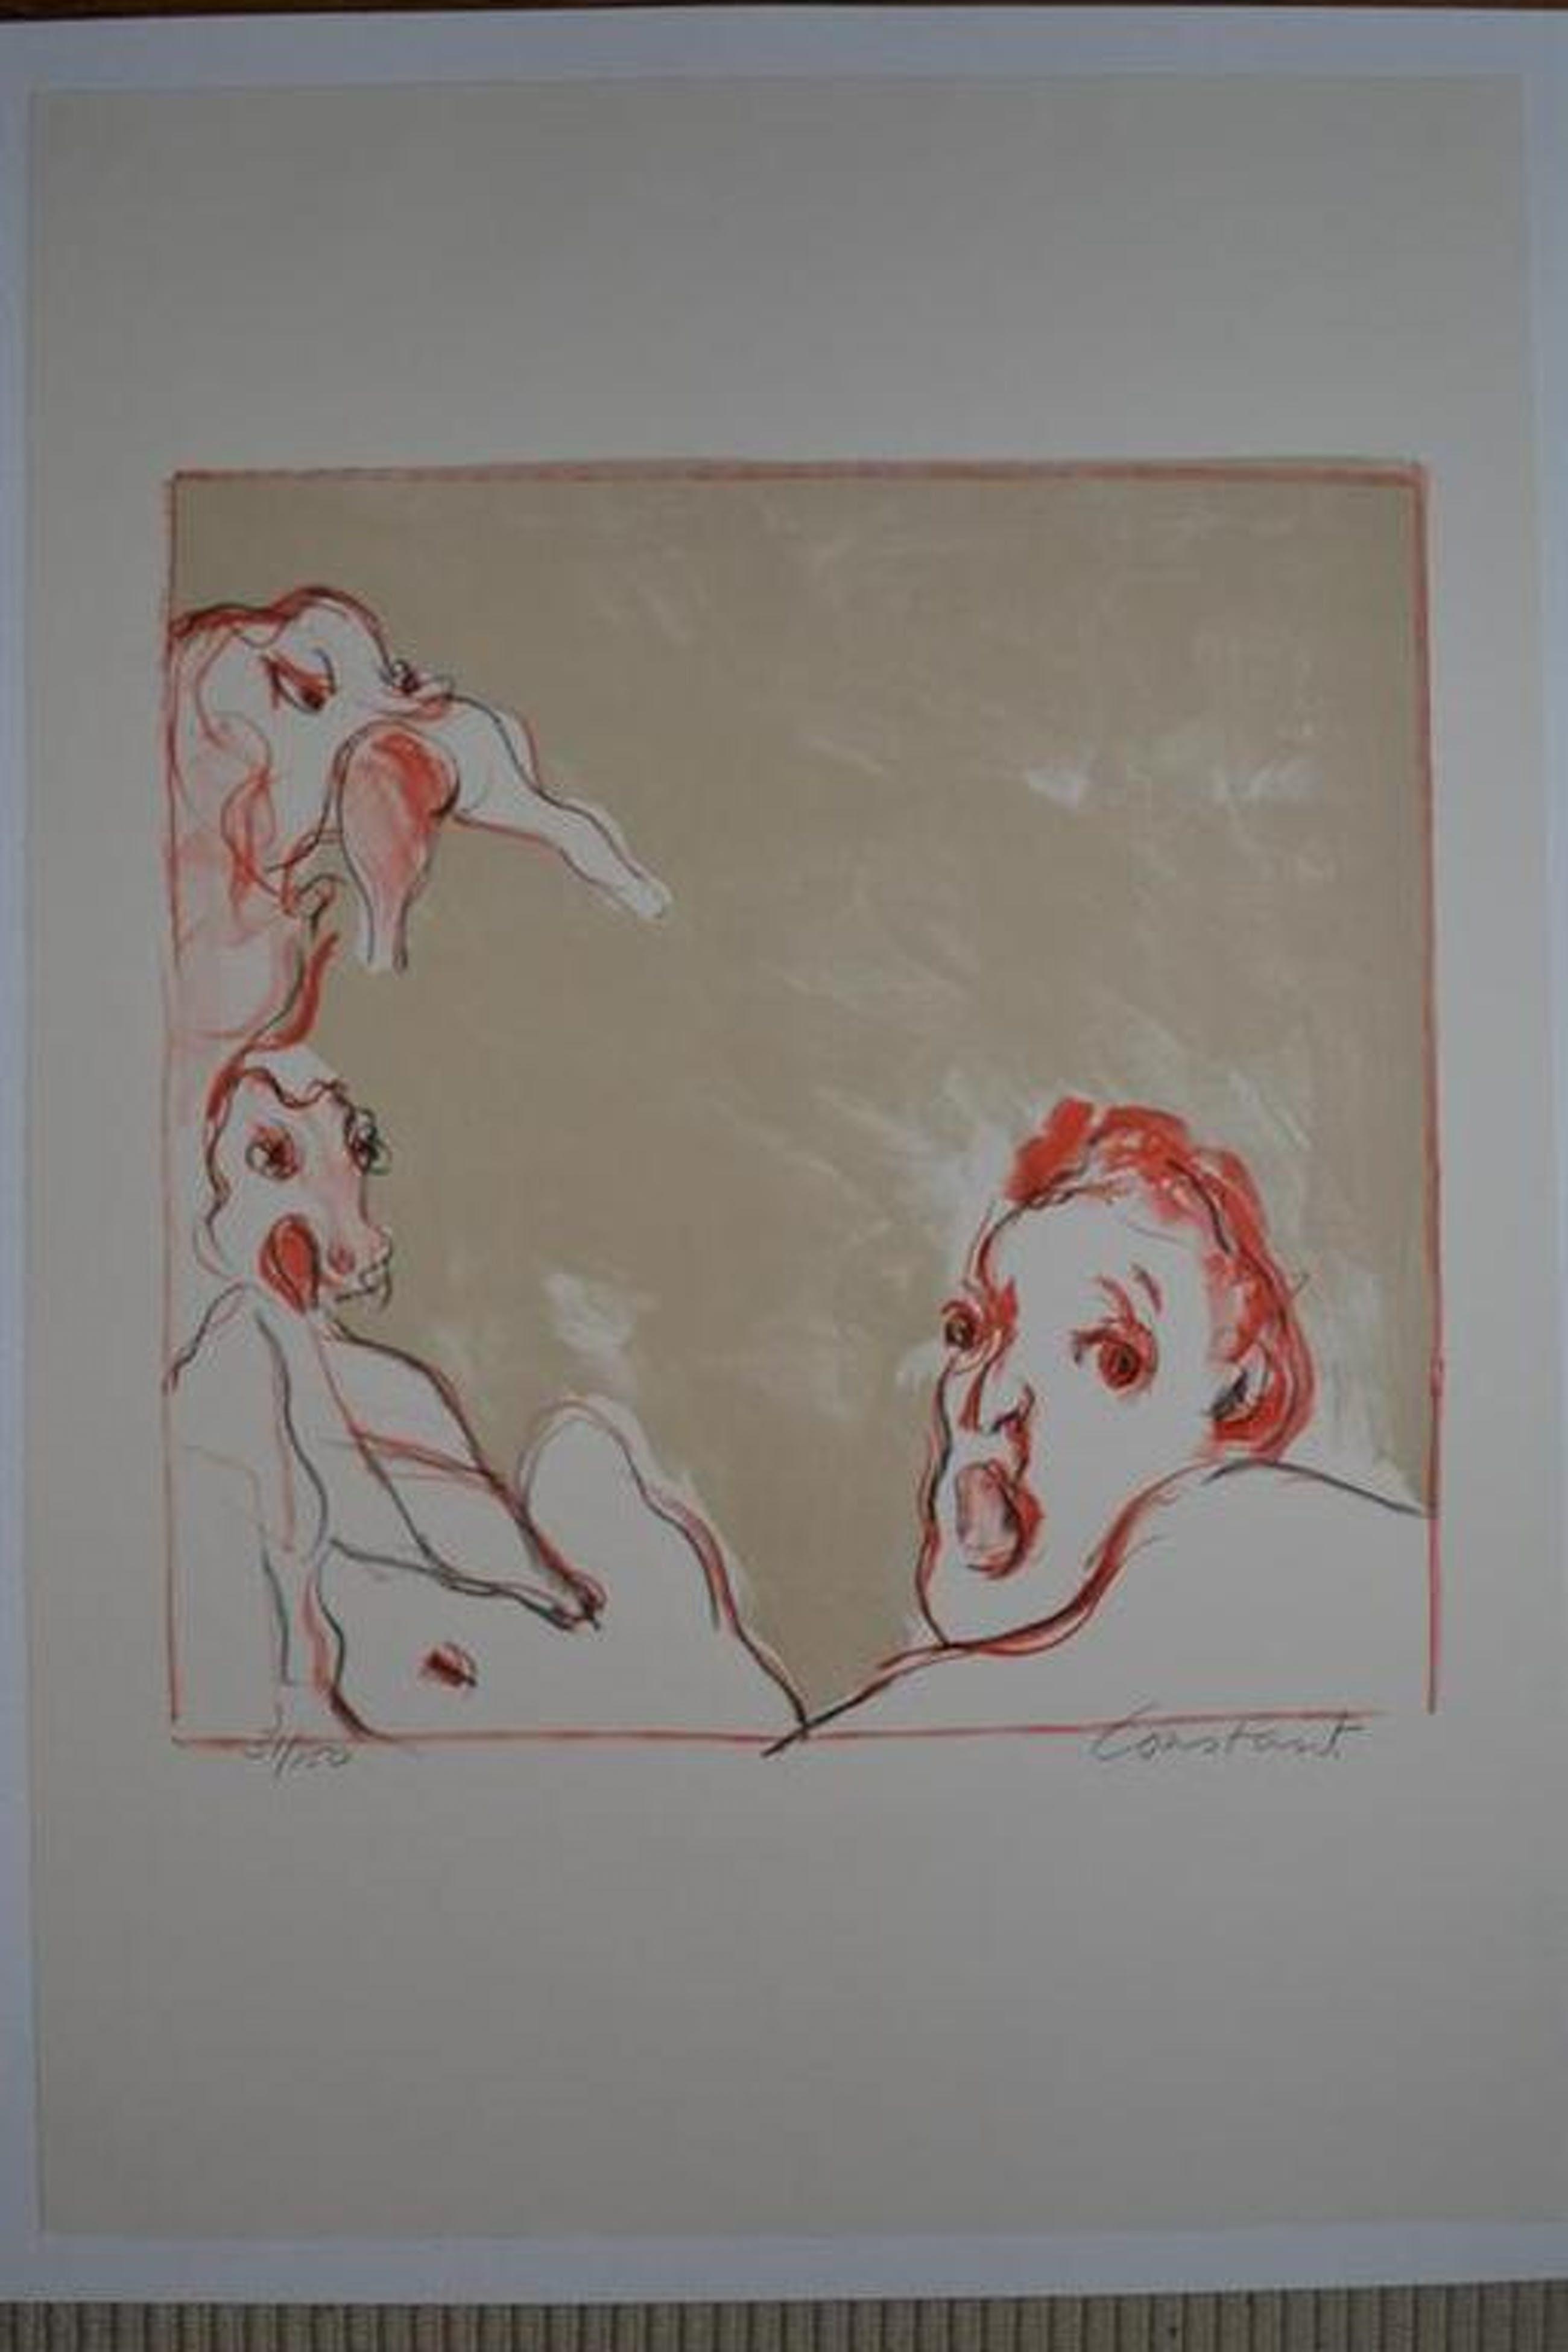 Constant :  'Le Cauchemar' - kleurenlitho, 1988, gesigneerd, oplage 150 kopen? Bied vanaf 850!